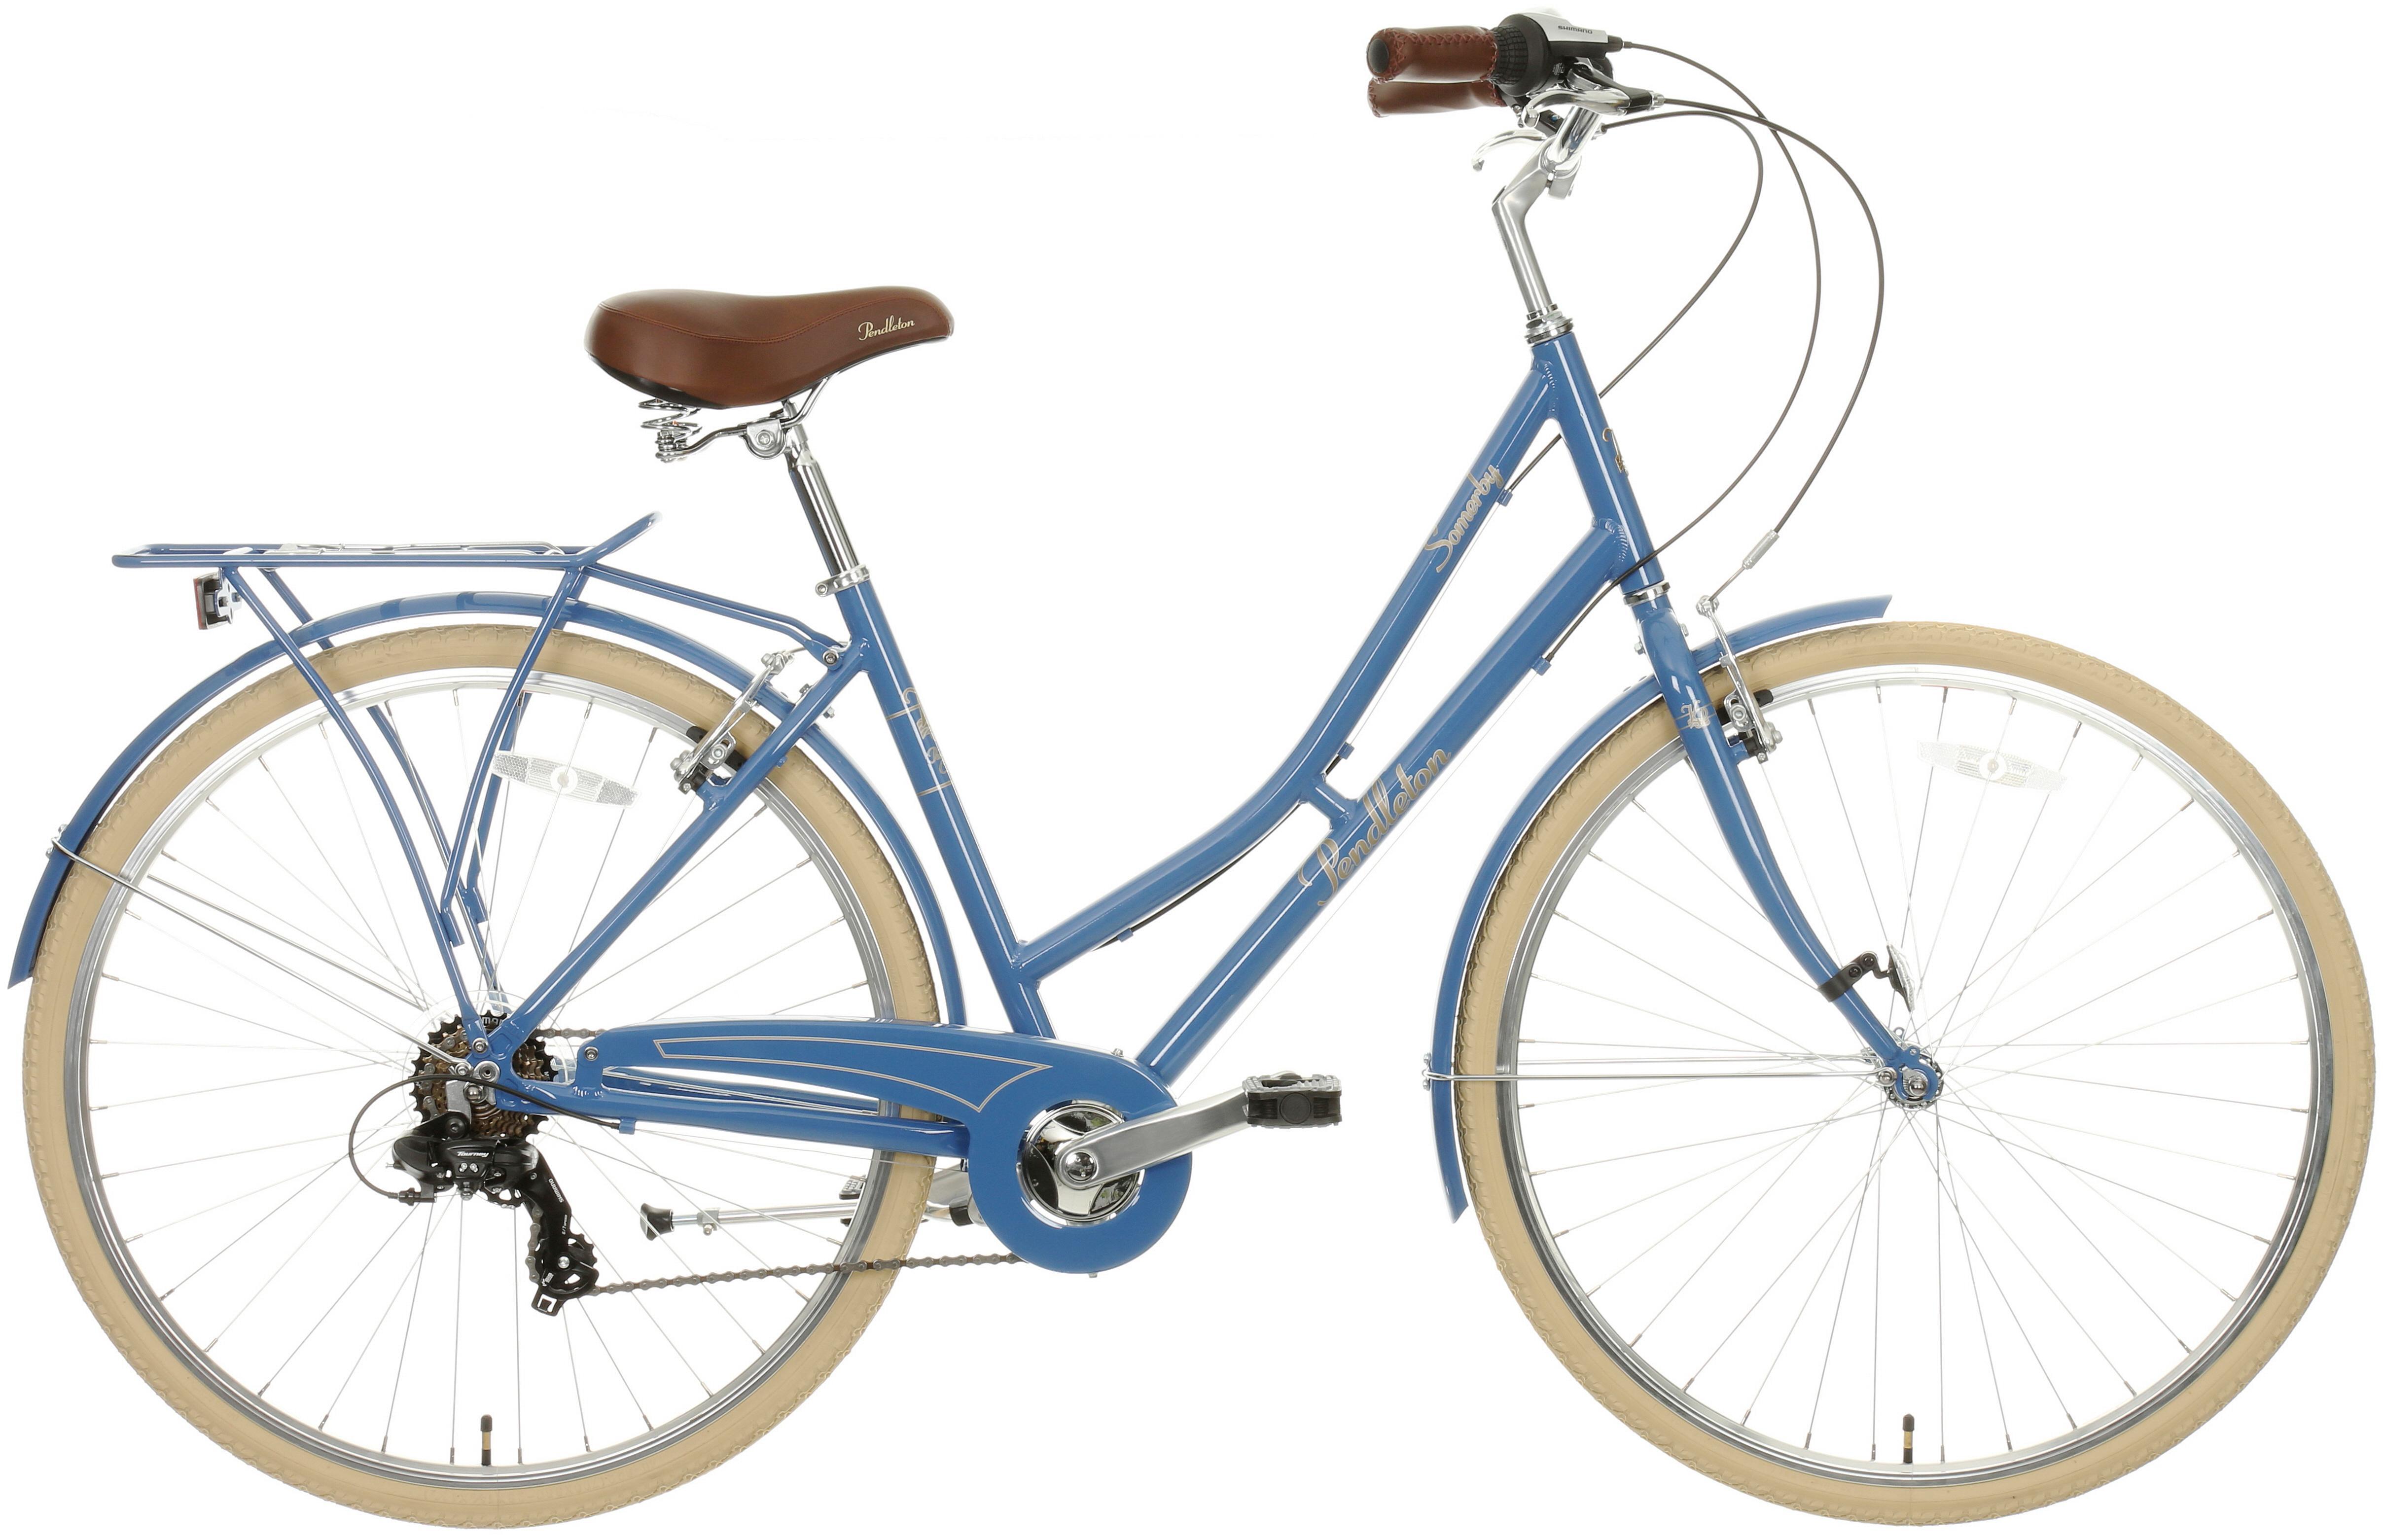 Pendleton Somerby Hybrid Bike - Denim Blue 17 inch